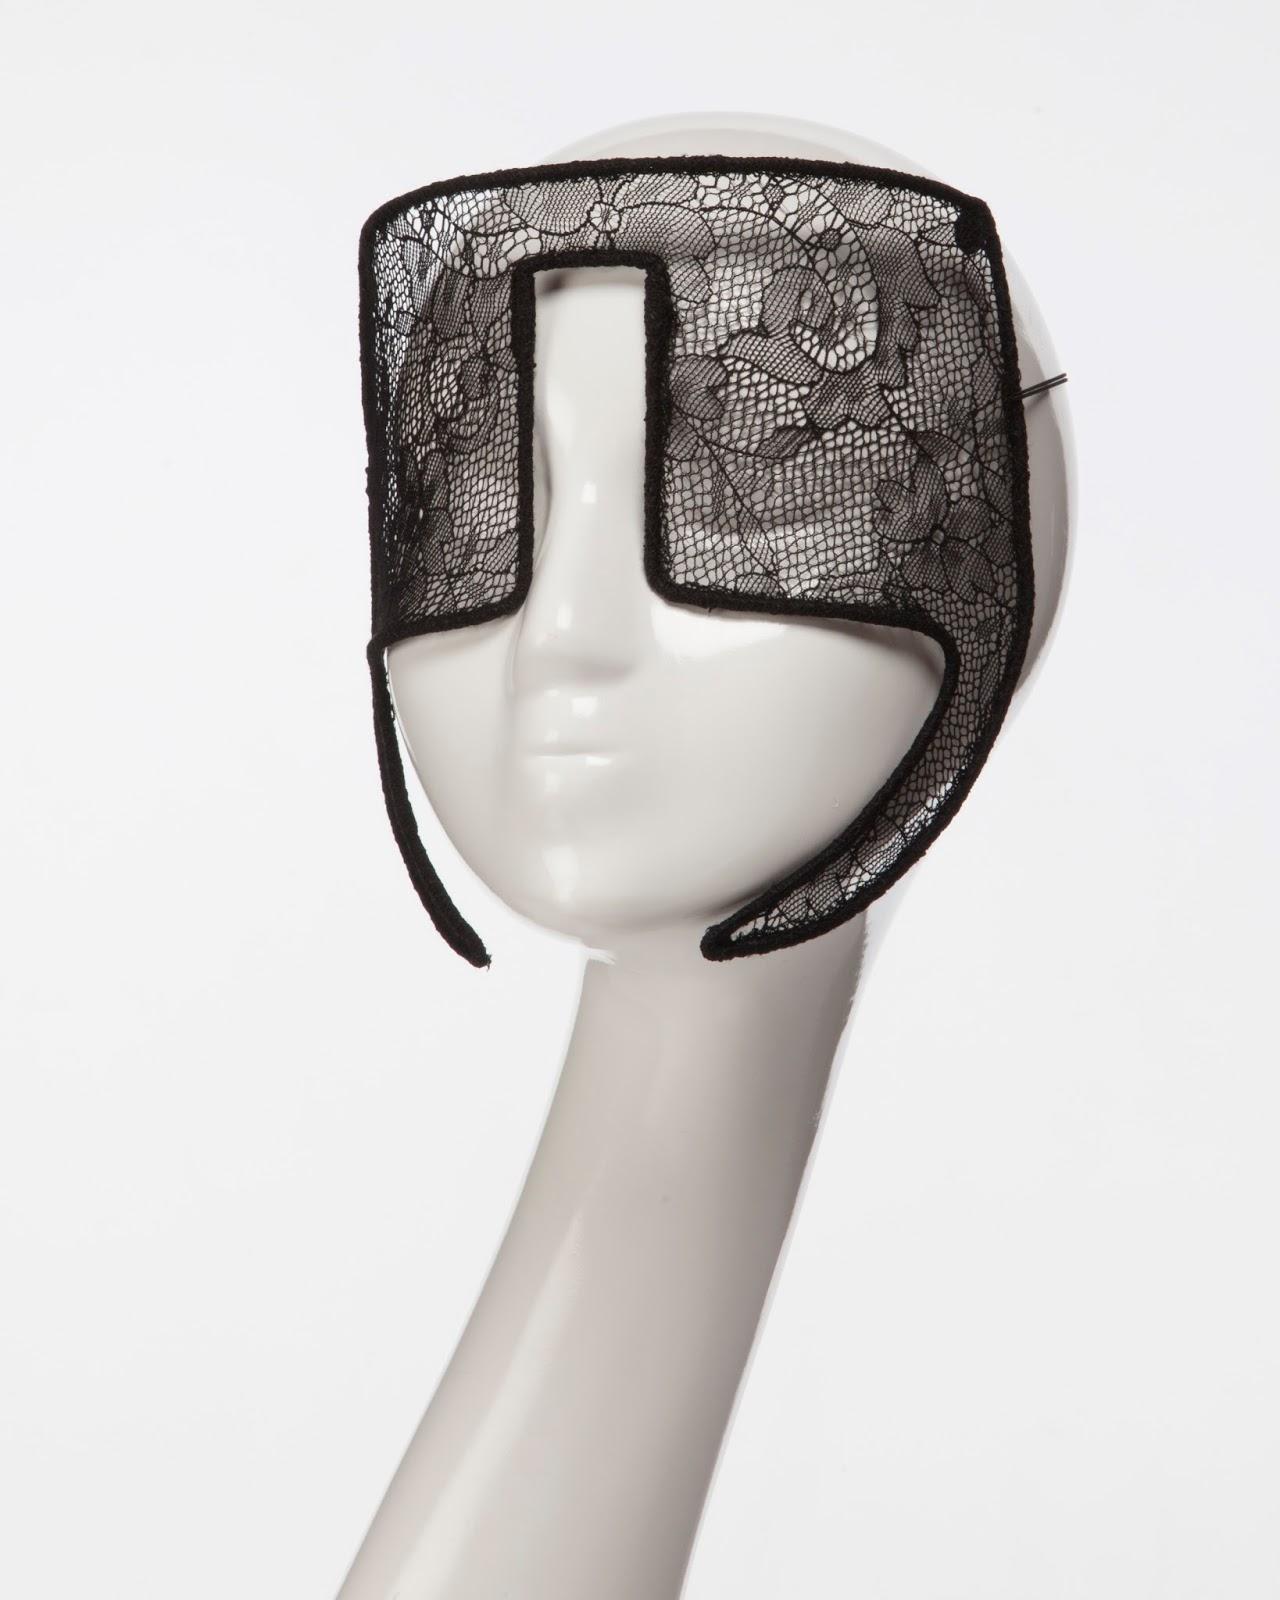 Mystic Magic, Mask, designer, Masquerade, Fashion mask, Fashion, lace mask, photo, couture mask, costume mask, fancy dress, fetish, futuristic mask, gothic, warrior,